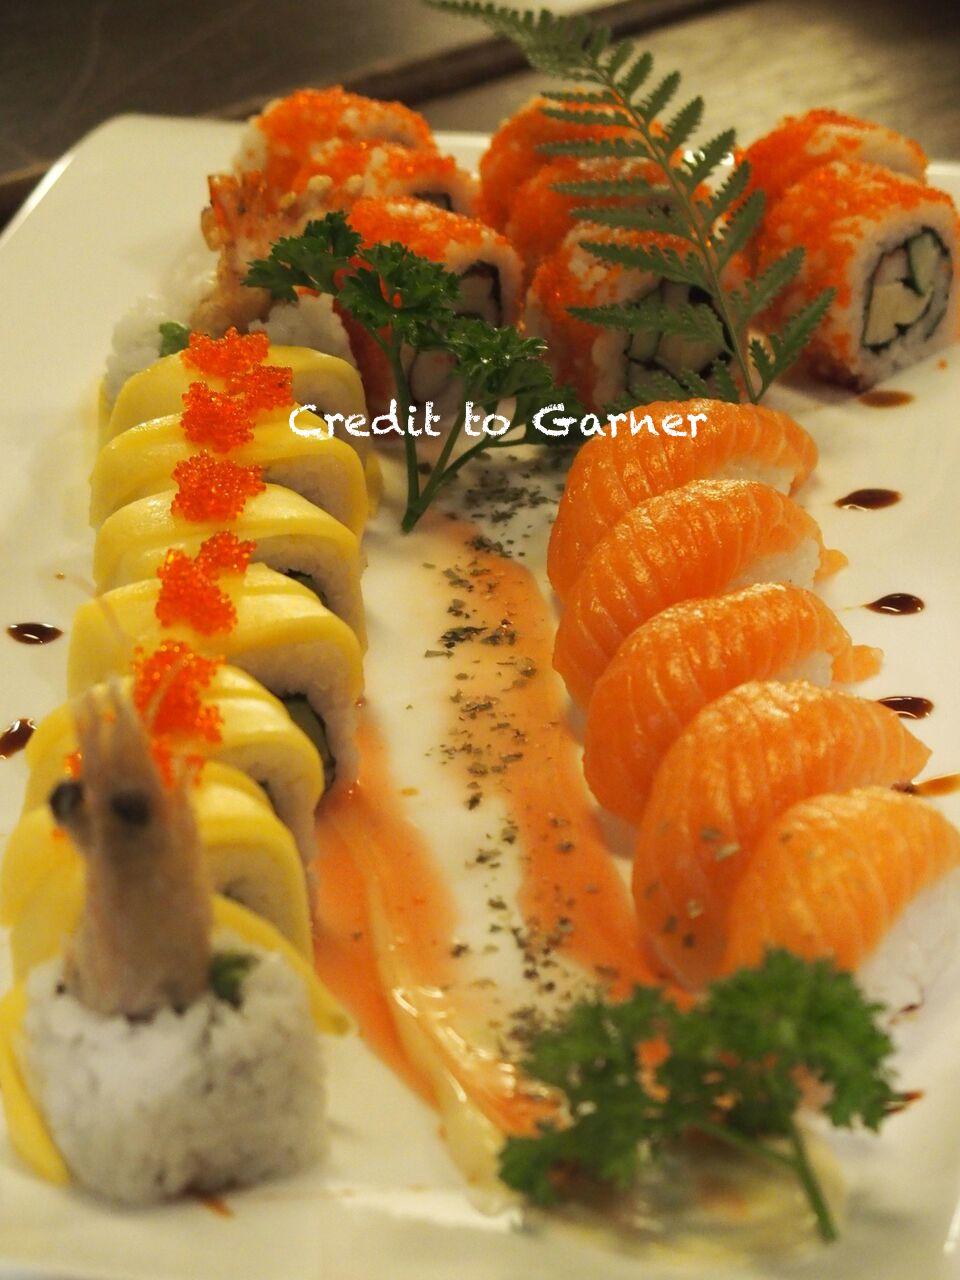 Sushi Rice Whole Foods